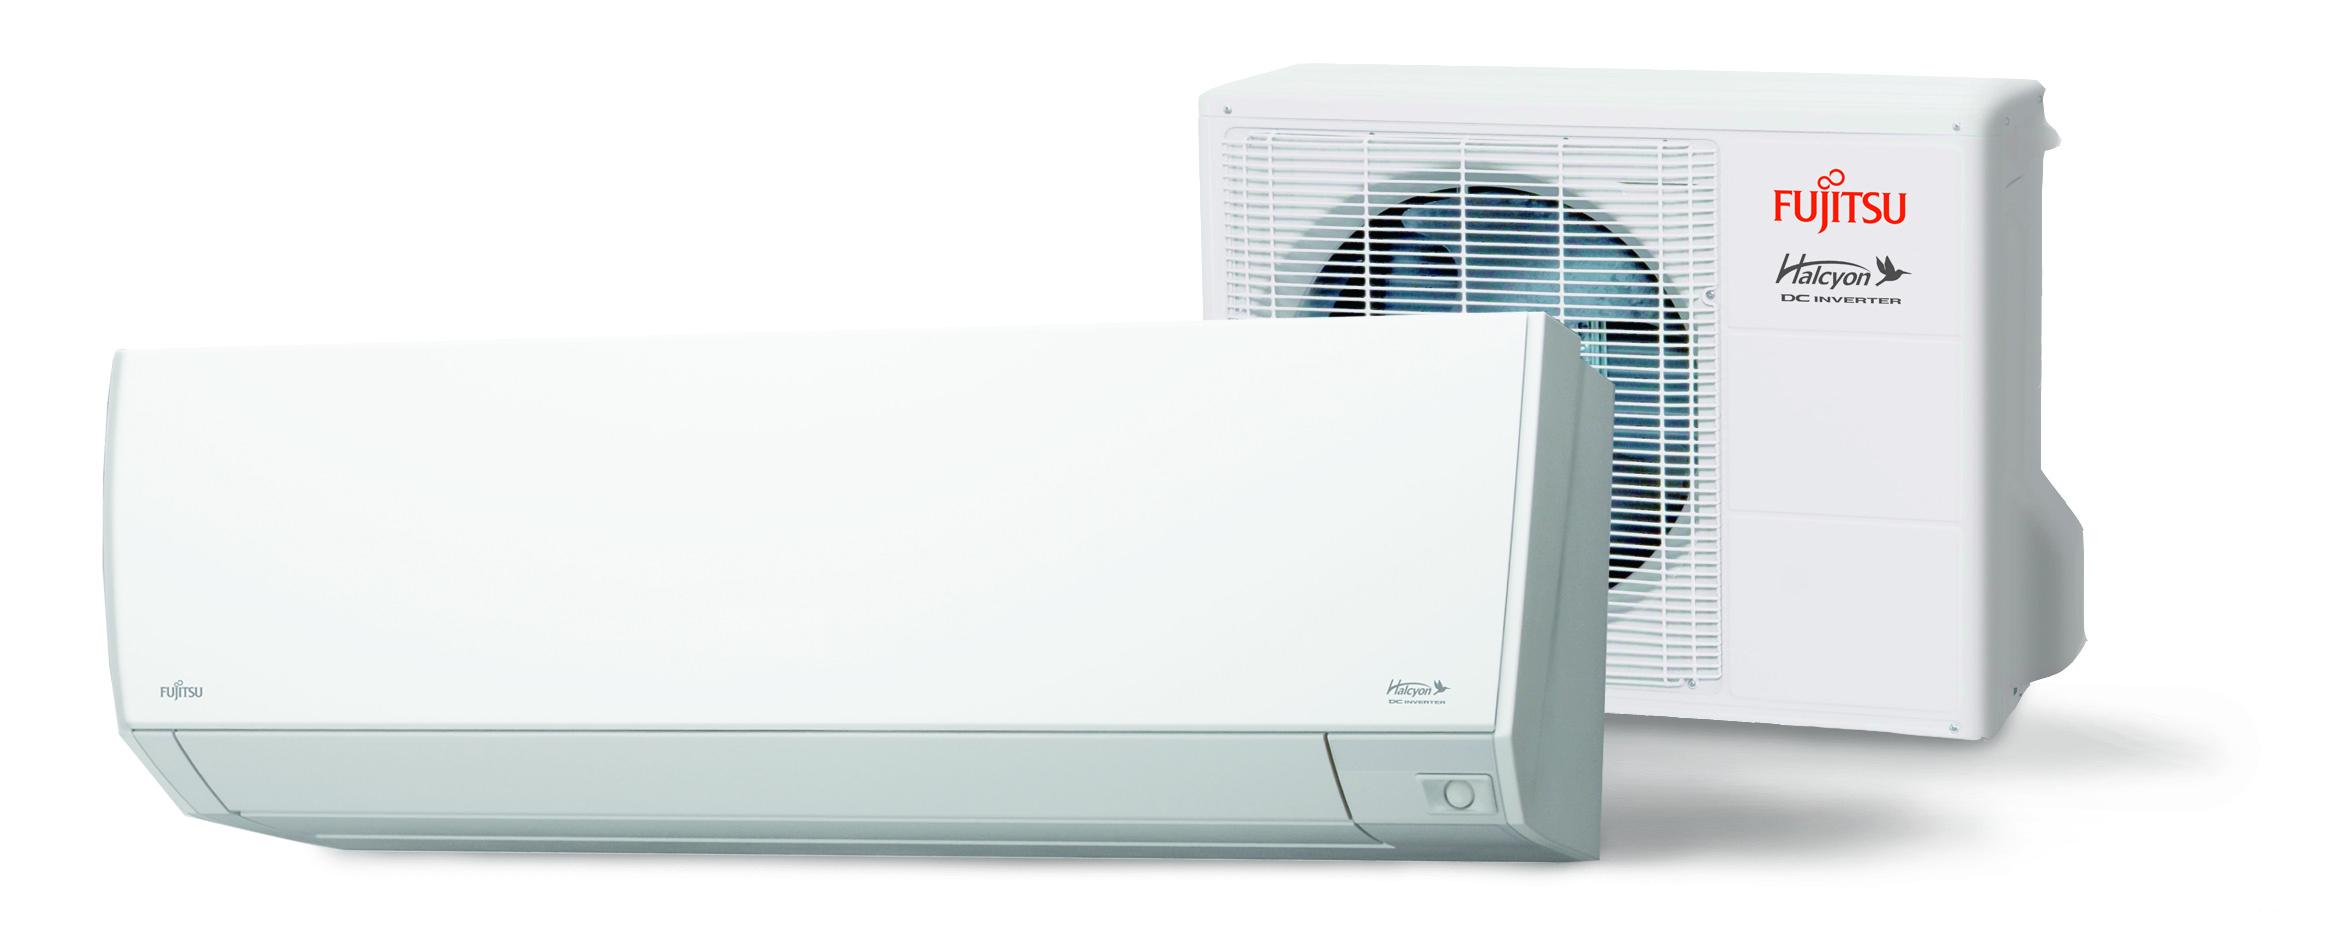 Thermopompe murale - Fujitsu